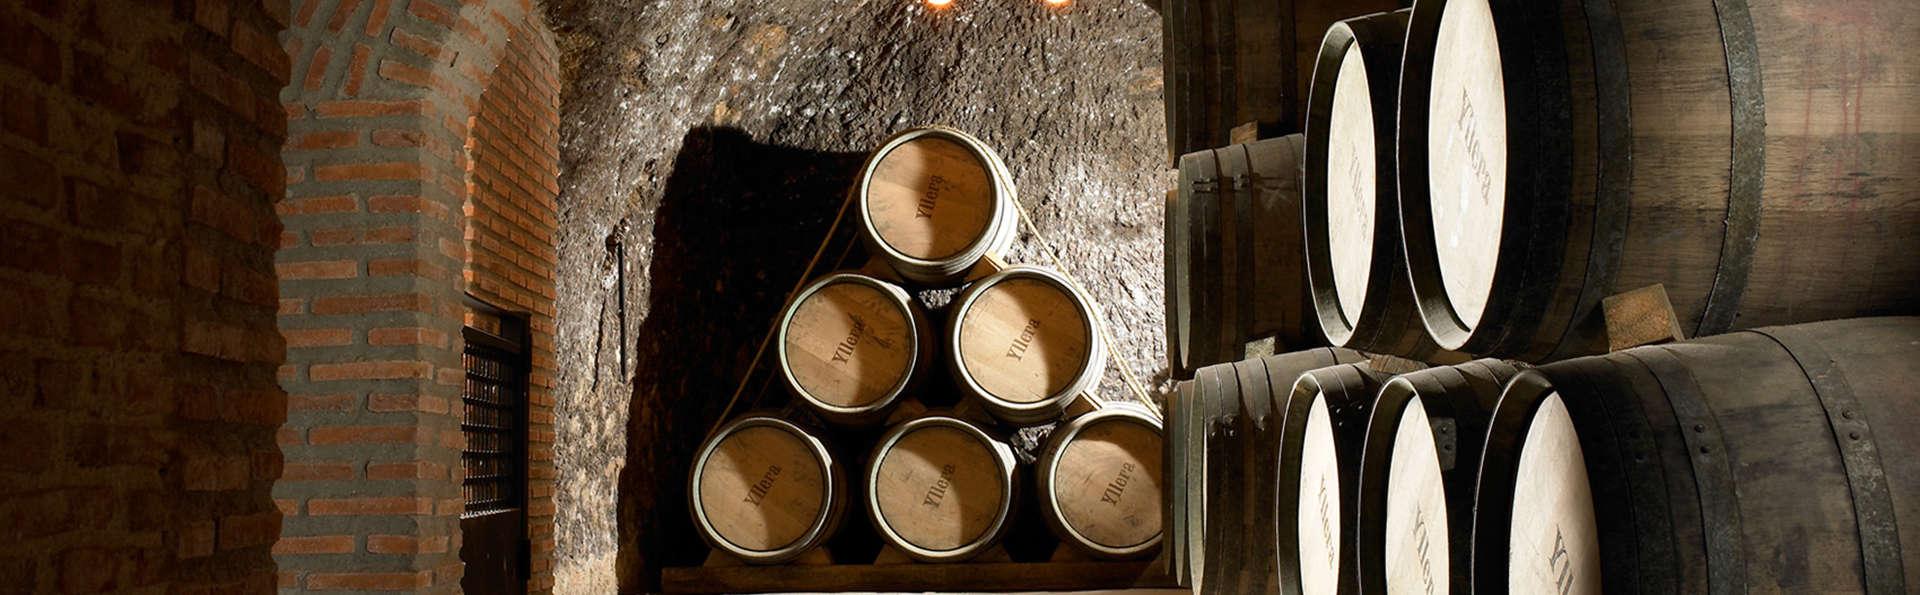 Visita Valladolid y cata el mejor vino castellano-leonés en una bodega